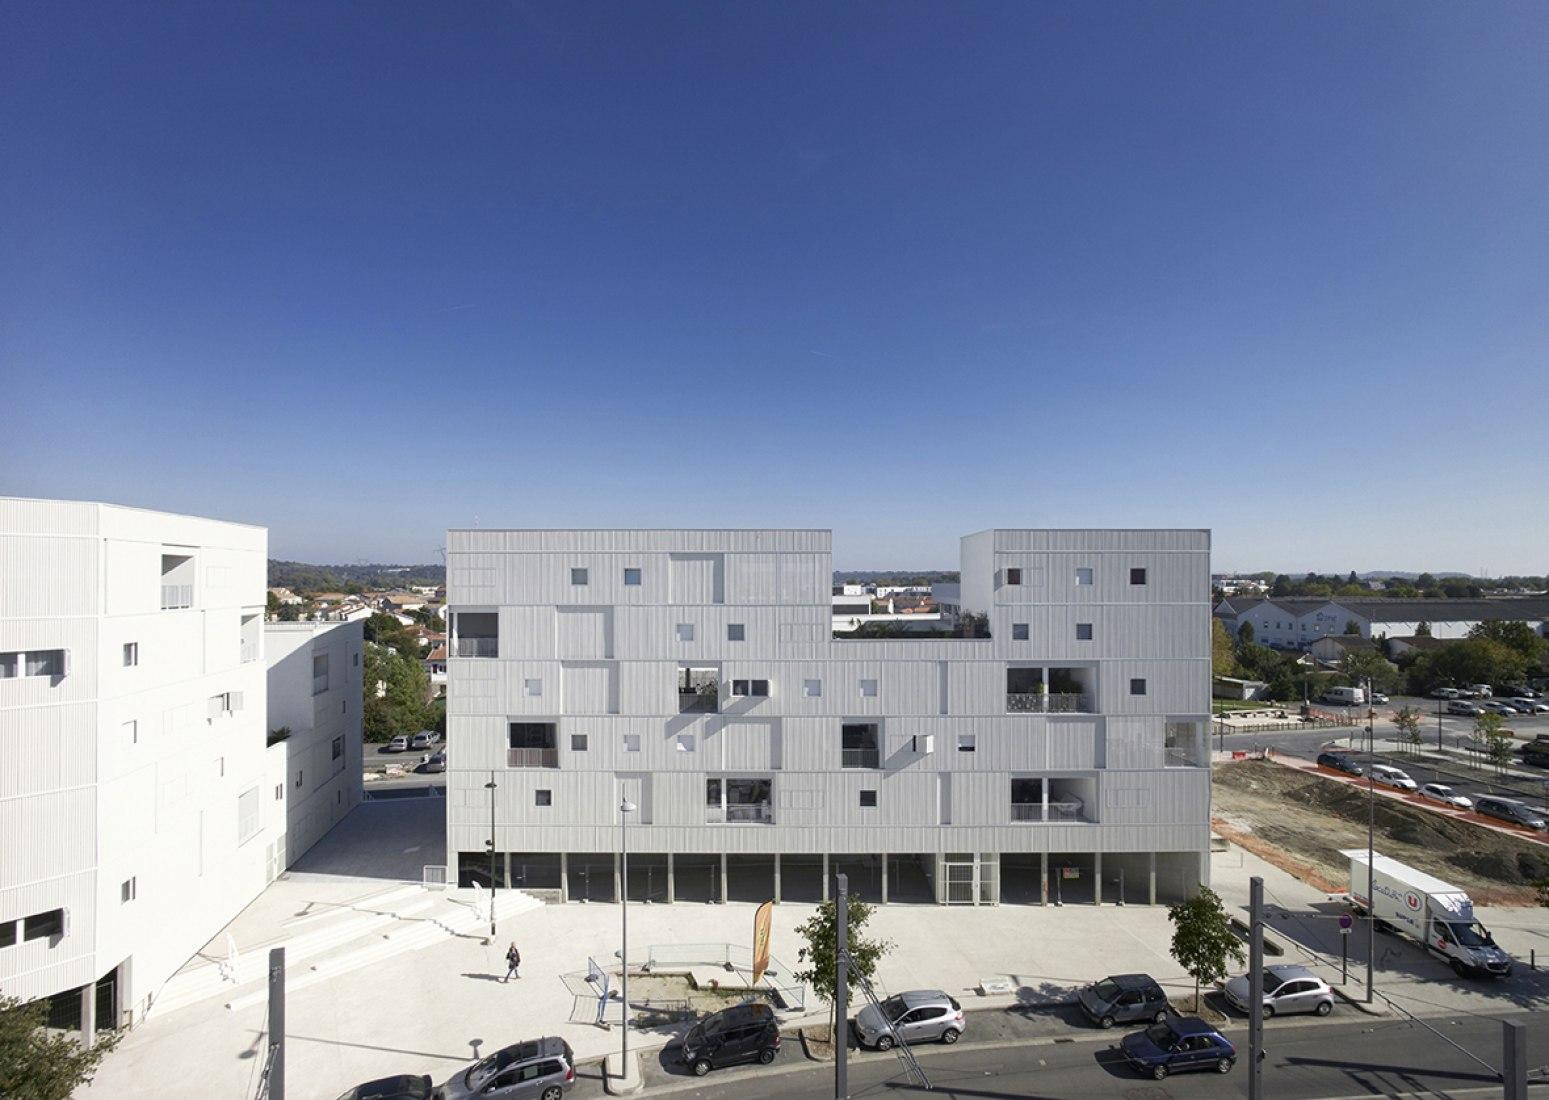 Vista frontal. 79 apartamentos en Bègles por LAN. Fotografía © Julien Lanoo.